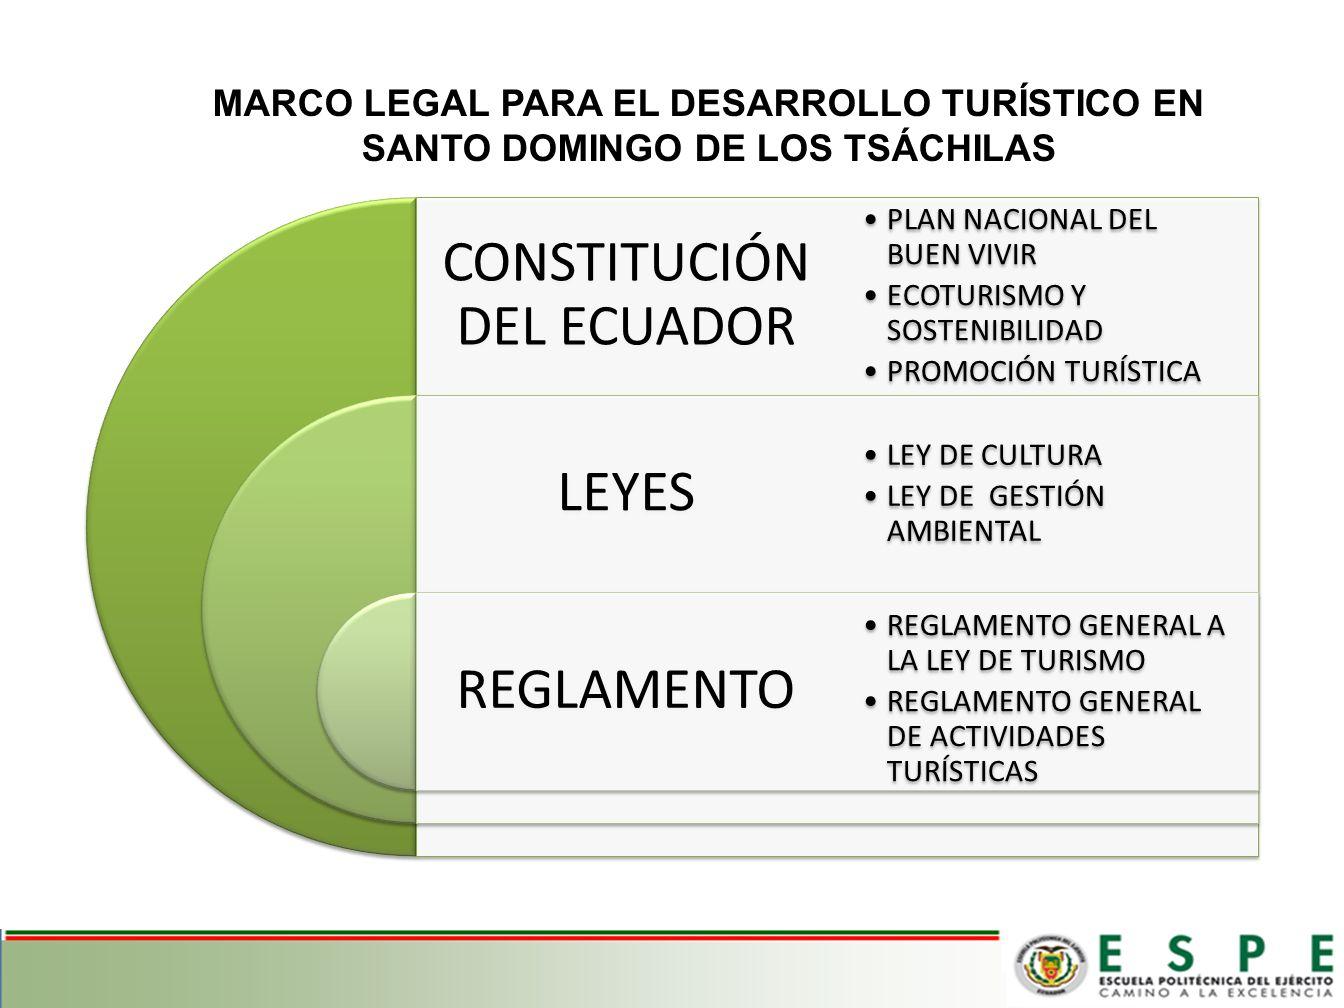 PROGRAMAS DE CAPACITACIÓN TURÍSTICA DIRIGIDAS AL SECTOR PRIVADO SEGURIDAD ALIMENTARIA TECNICAS ALOJAMIENTO COMERCIALIZACIÓN DE DESTINOS TURÍSTICOS GUÍAS NATIVOS MICROEMPRESAS TURÍSTICAS BUEN TRATO AL TURISTA CURSOS DE 20 PARTICIPANTES Y 20 HORAS DE DURACIÓN 5.